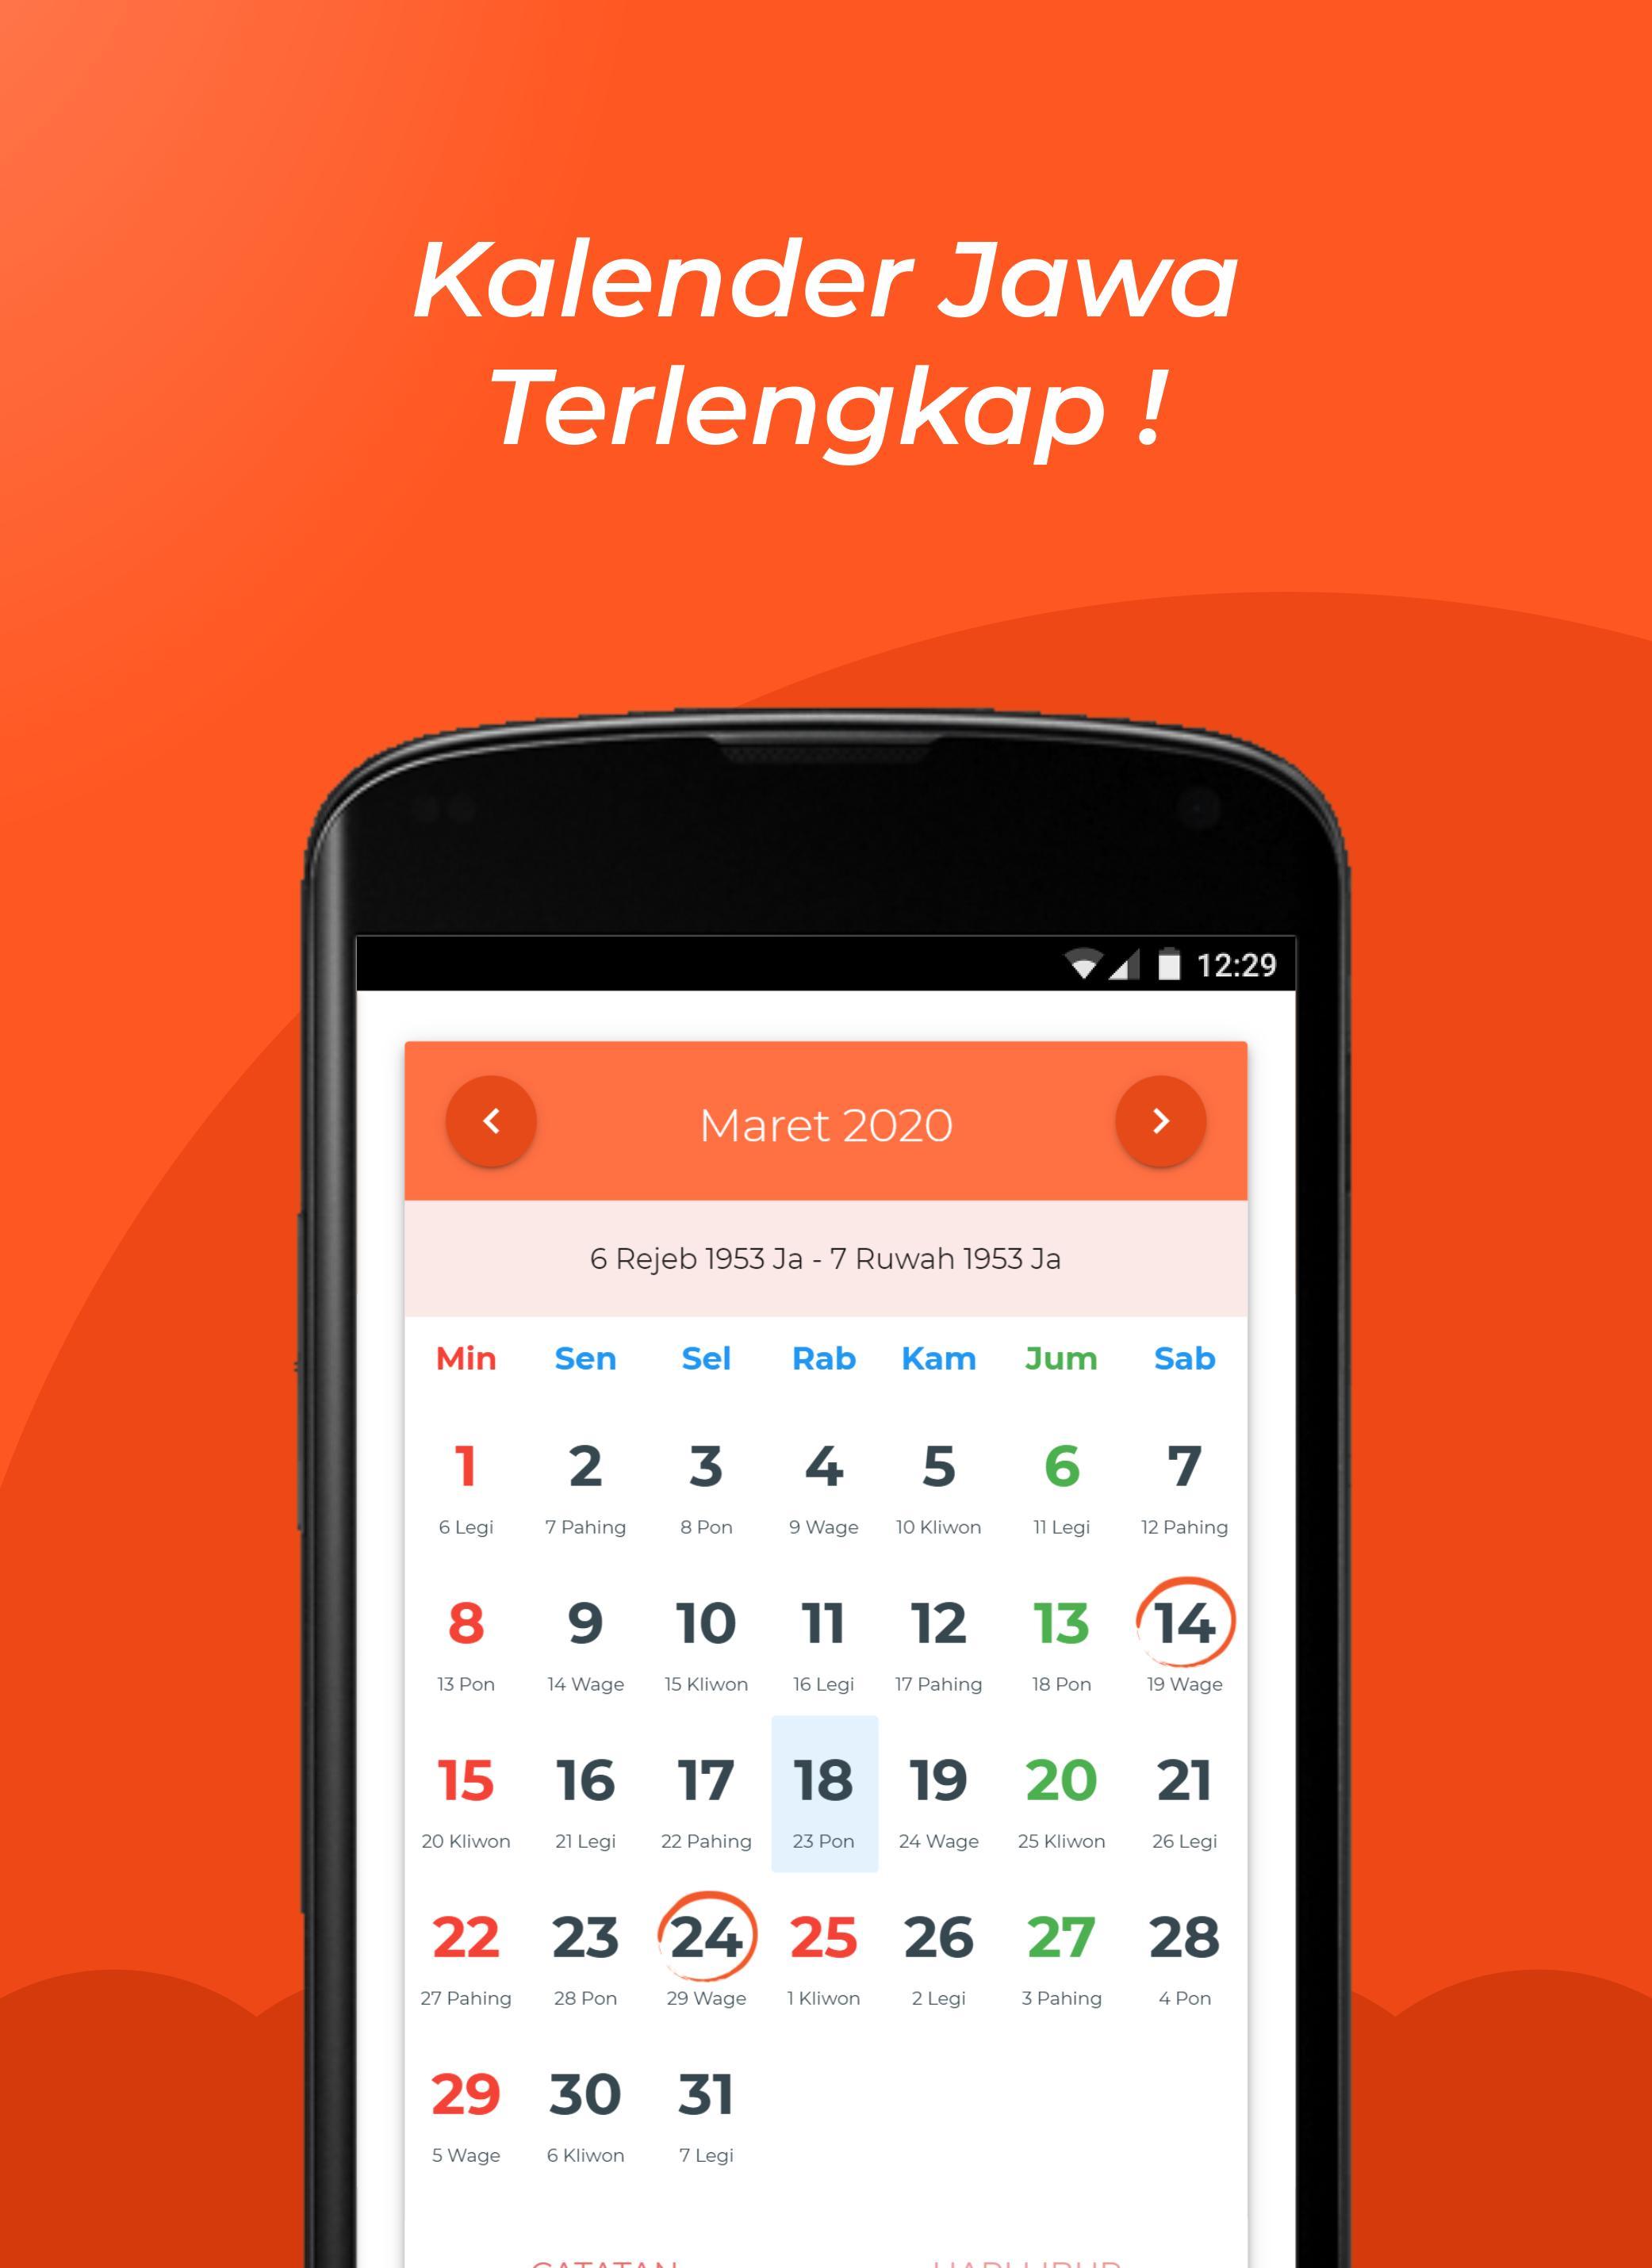 Kalender Jawa Lengkap For Android Apk Download